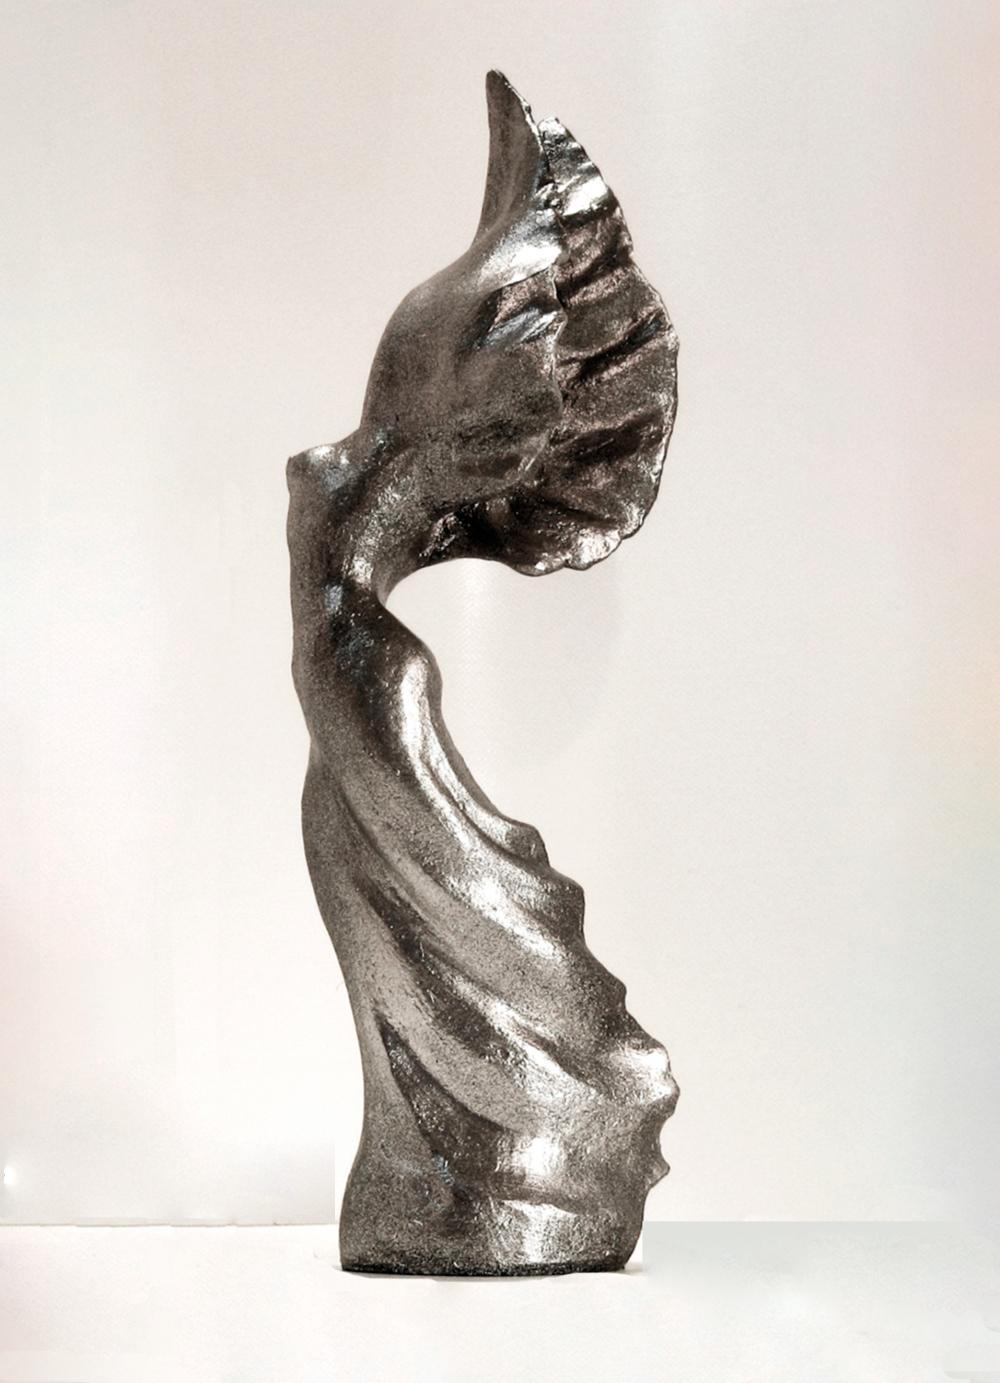 Escultura-Petit-Victoria-E-Figurativo-Abstracto-RD.Escultor